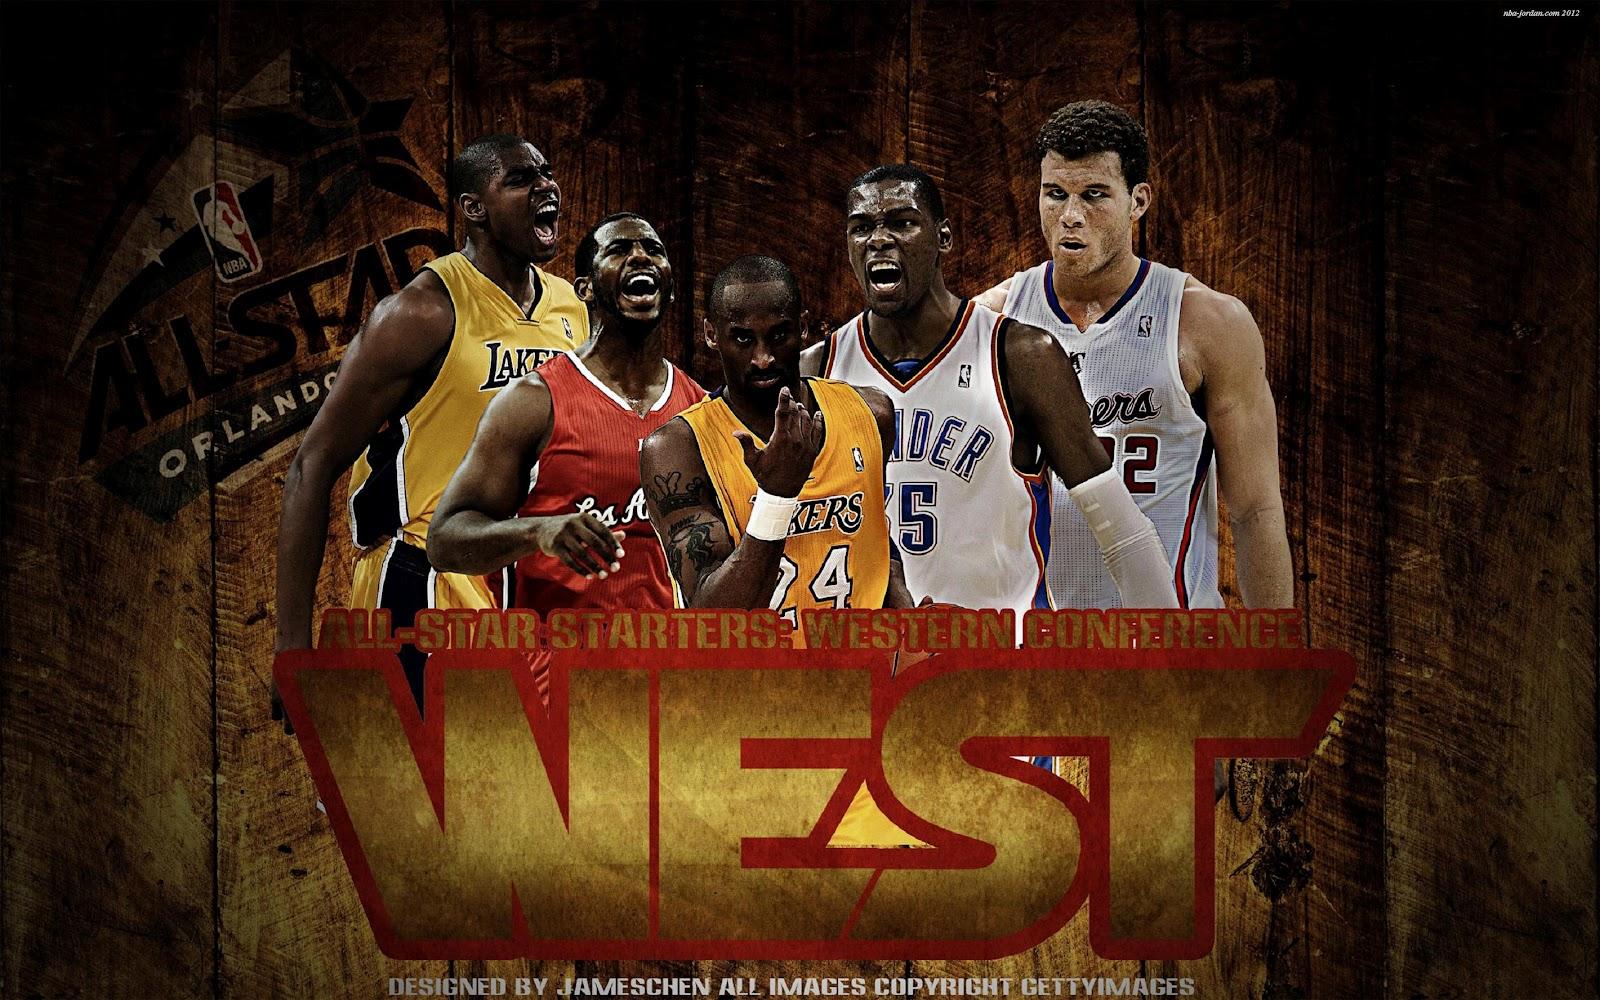 http://2.bp.blogspot.com/-V8vnen68XNo/T0Fk5881LYI/AAAAAAAAEuk/7SthzTU8qSM/s1600/2012-NBA-All-Star-West.jpg